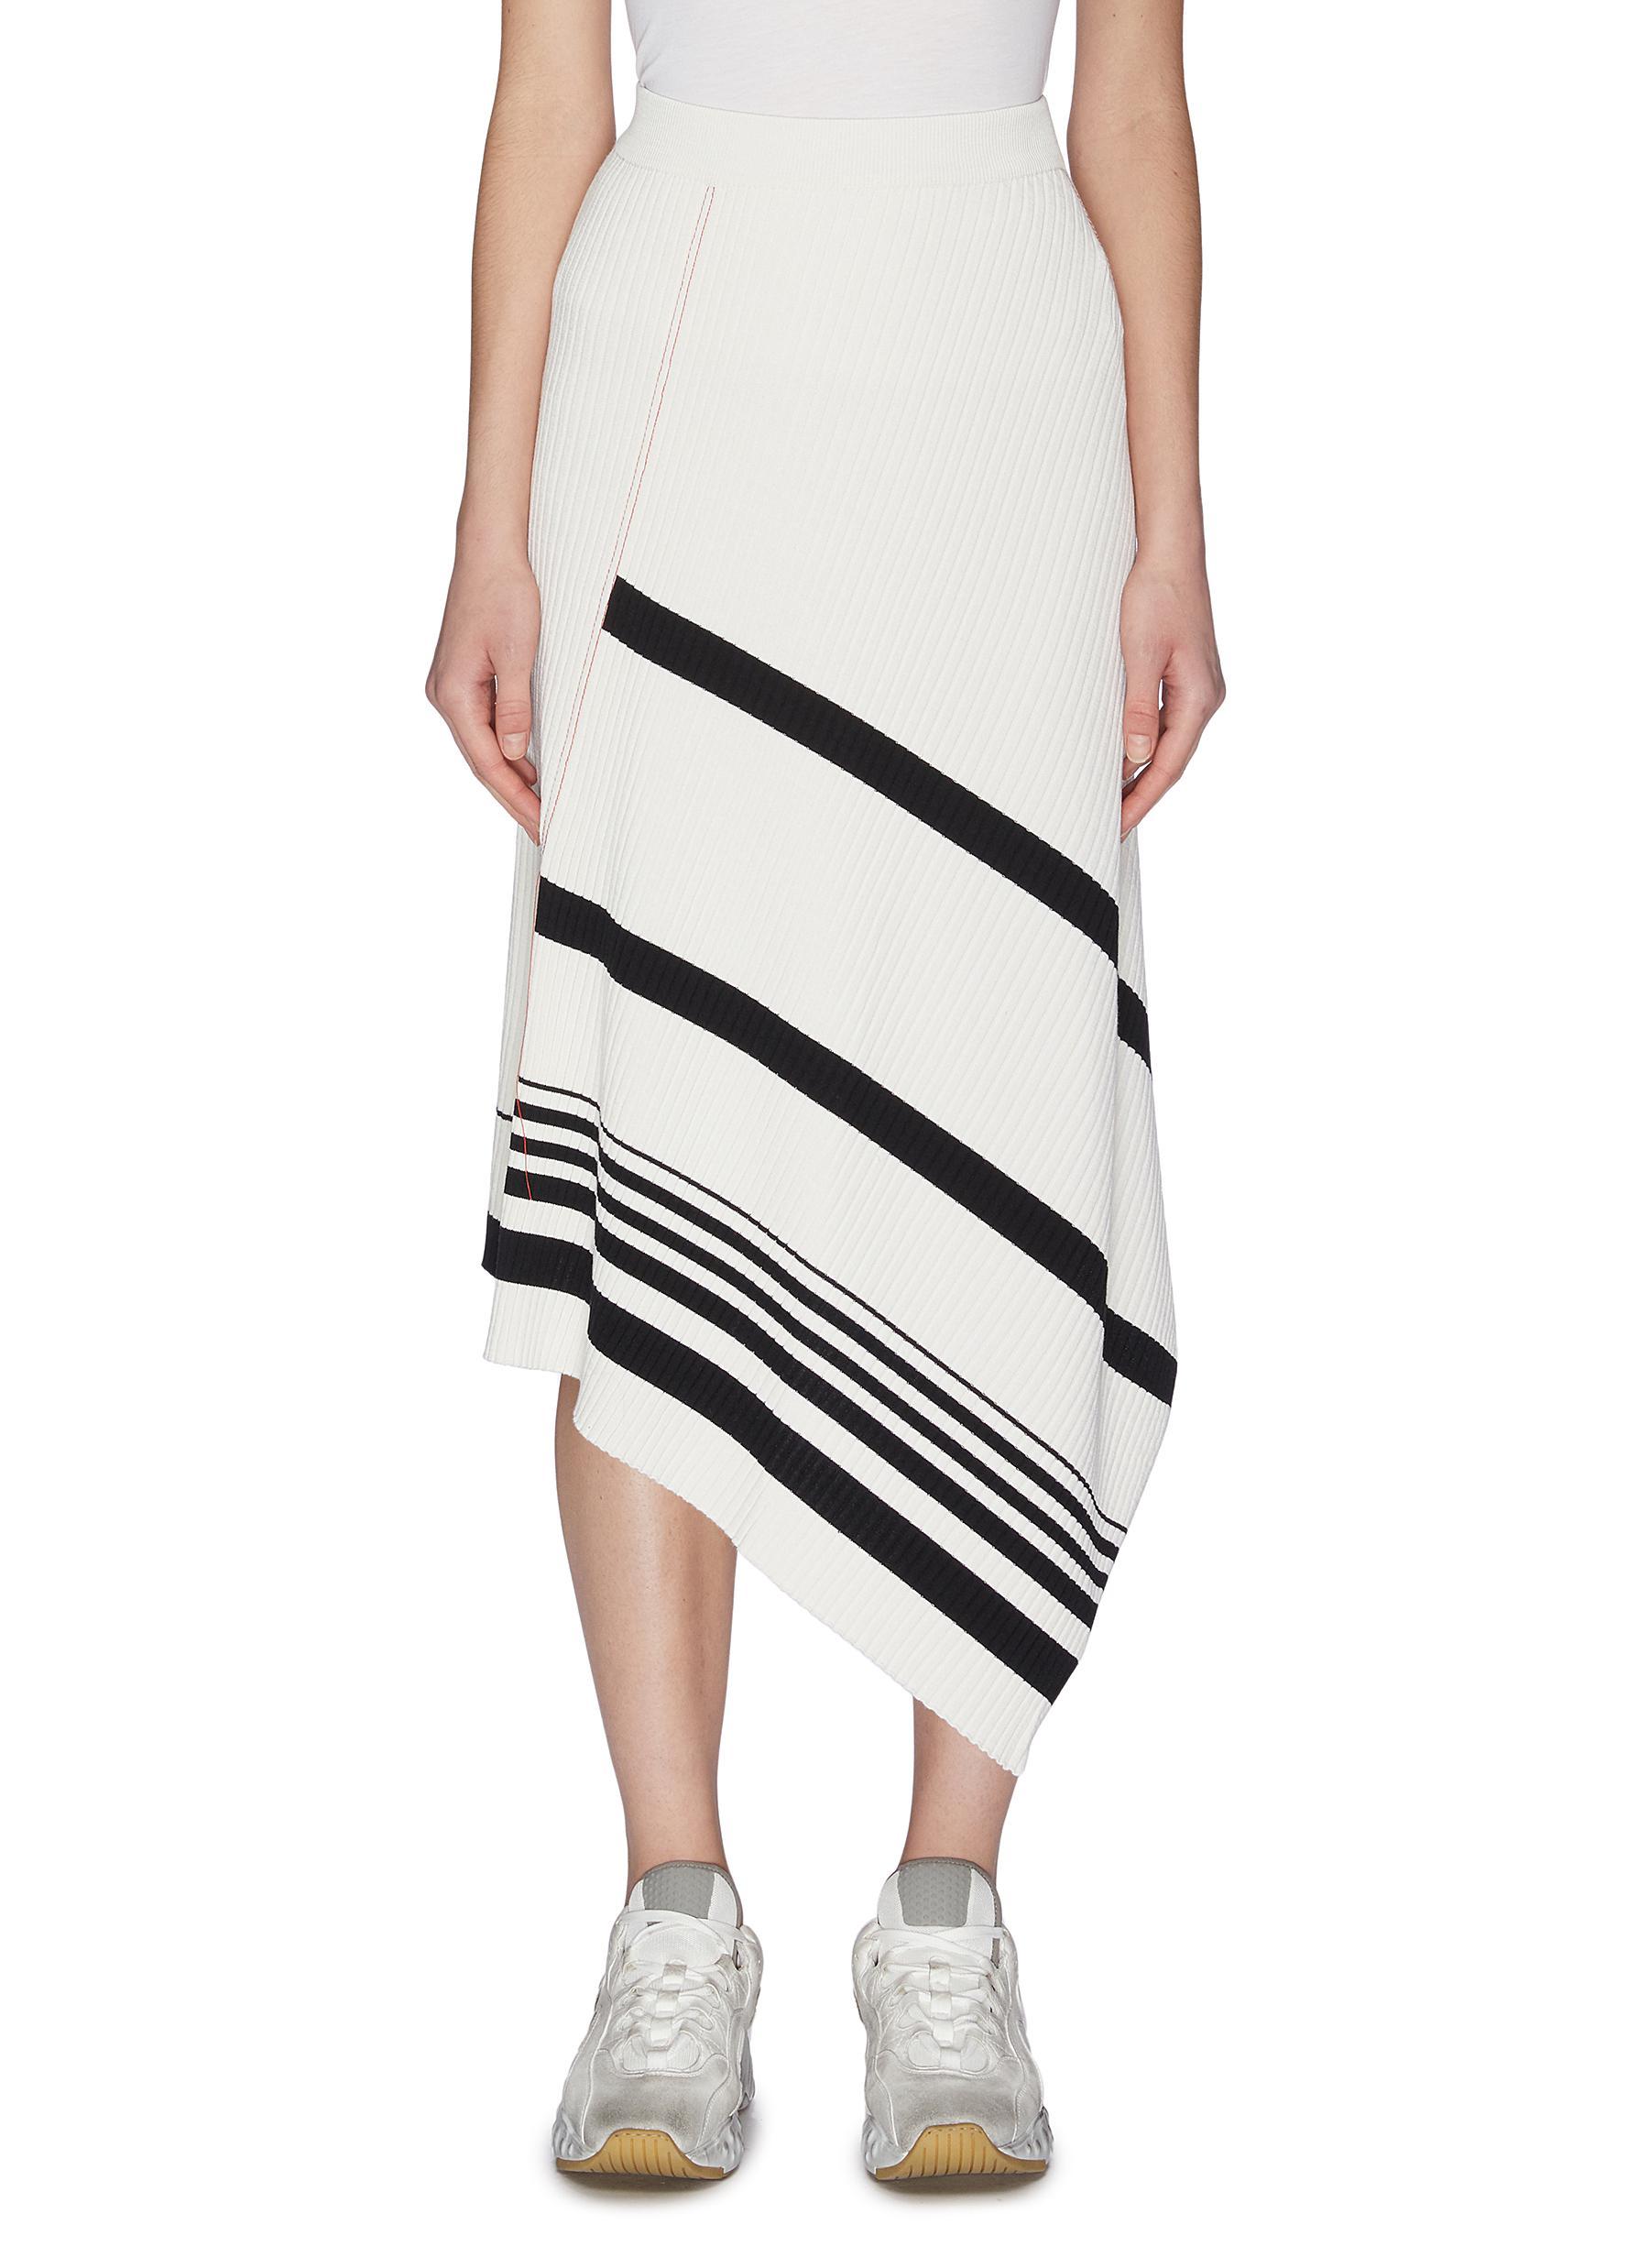 Buy Mrz Skirts 'Gonna Coste' asymmetric side slit rib knit skirt